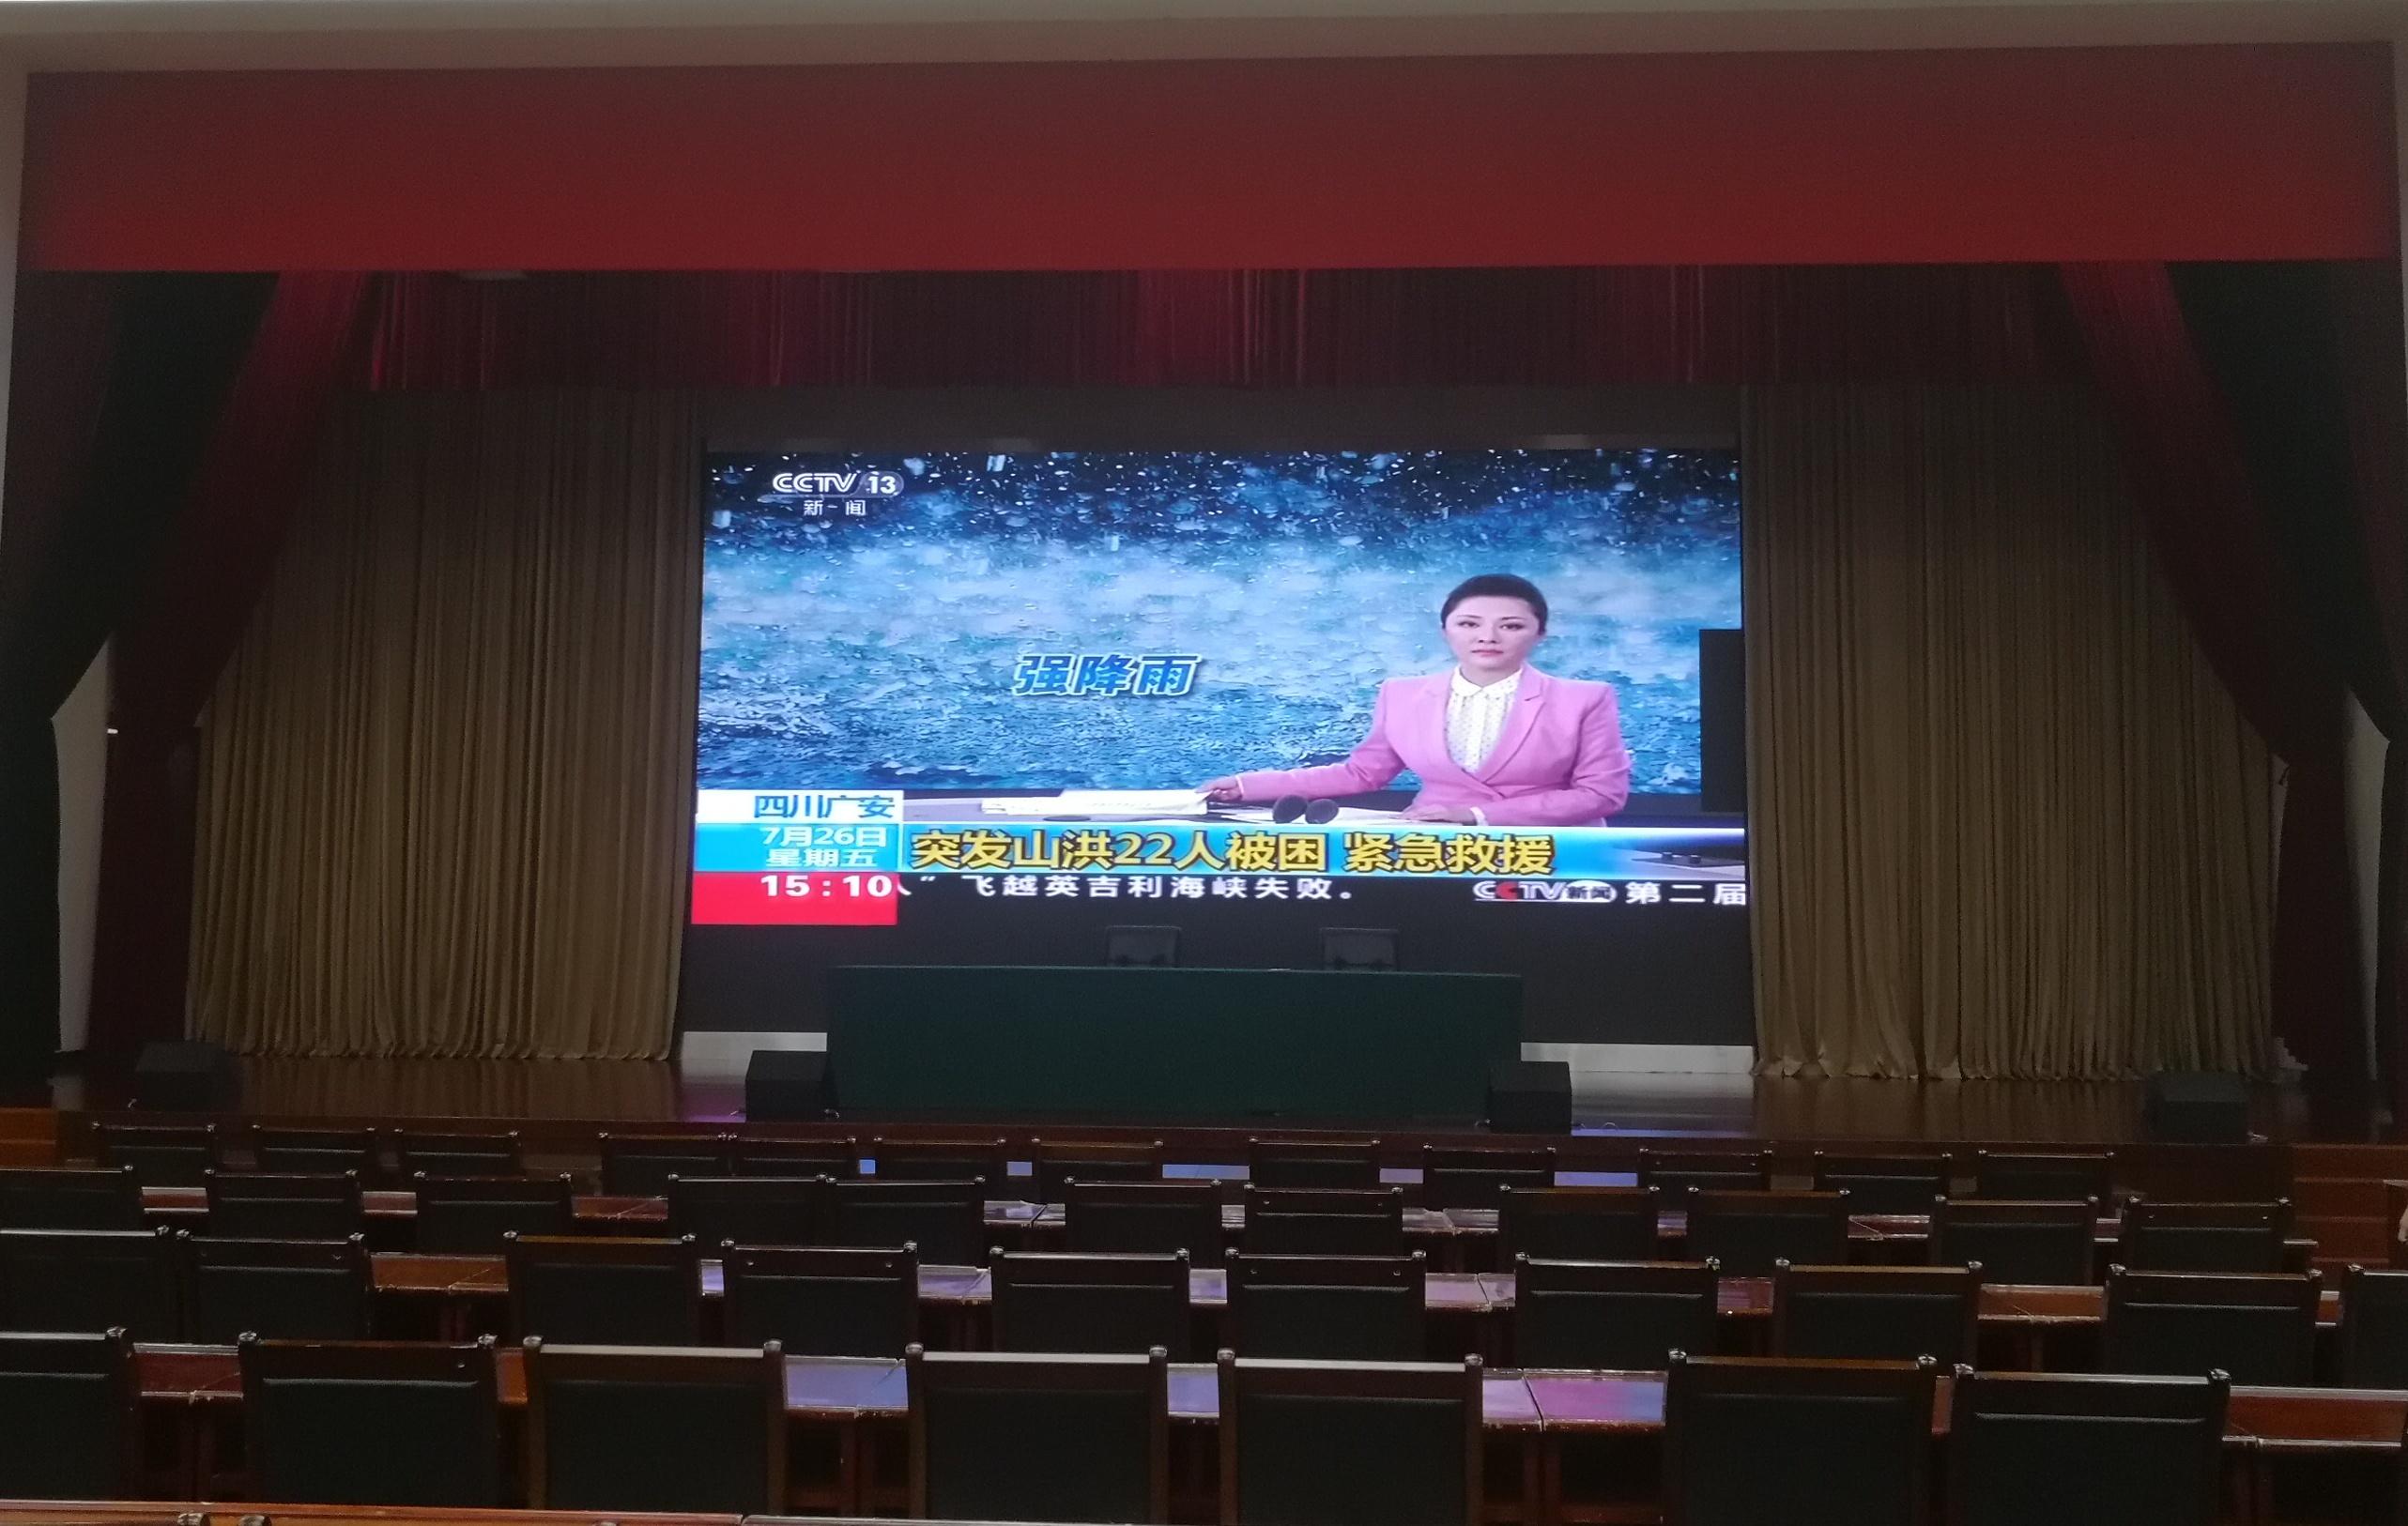 四川某市委礼堂P1.25LED显示屏